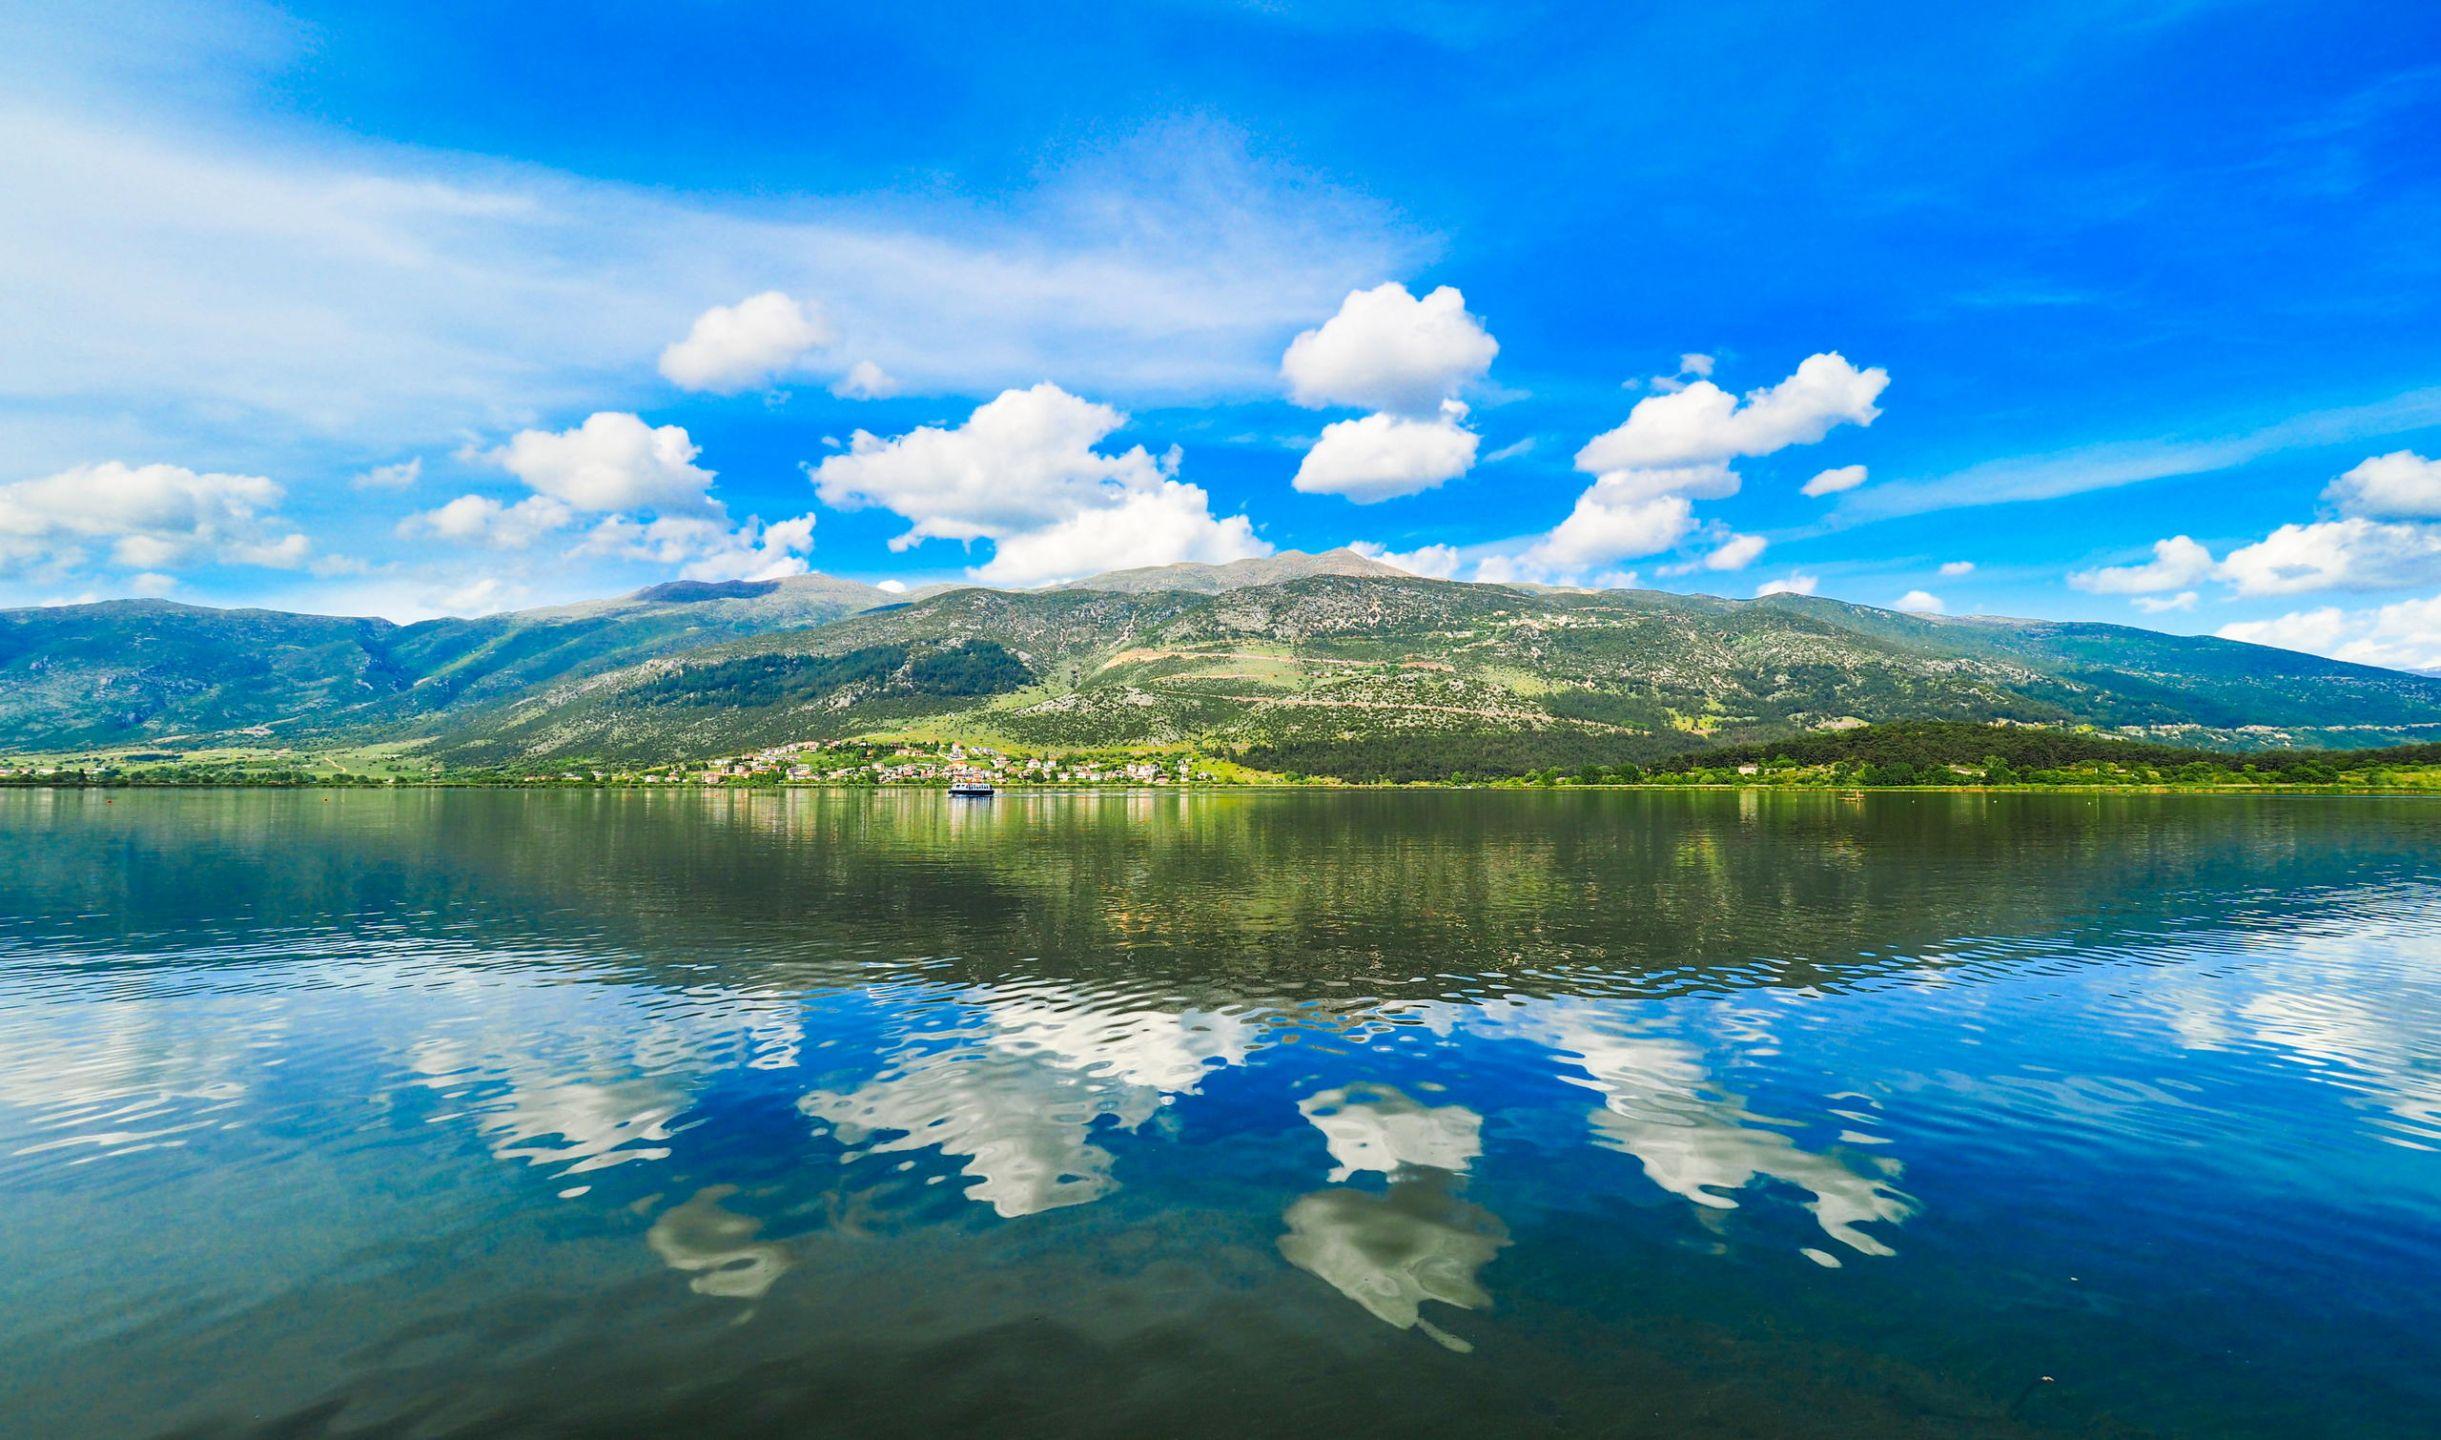 Τα Ιωάννινα είναι η πρωτεύουσα του νομού και ταυτόχρονα η μεγαλύτερη πόλη της Ηπείρου. Χτισμένη στην όχθη της λίμνης Παμβώτιδας, μαγεύει με την ομορφιά της και τη ζεστή της ατμόσφαιρα. Η πανέμορφη Λίμνη Τριχωνίδα, είναι η μεγαλύτερη λίμνη της Ελλάδας και βρίσκεται στον νομό Αιτωλοακαρνανίας. Τα Τζουμέρκα στην κεντρική Πίνδο και τα χωριά που υπάρχουν στην περιοχή, αποτελούν έναν από τους τελευταίους «παραδείσους» επί γης, με εκπληκτικές φυσικές ομορφιές και με τουριστική ανάπτυξη που δεν έχει αλλοιώσει το περιβάλλον.